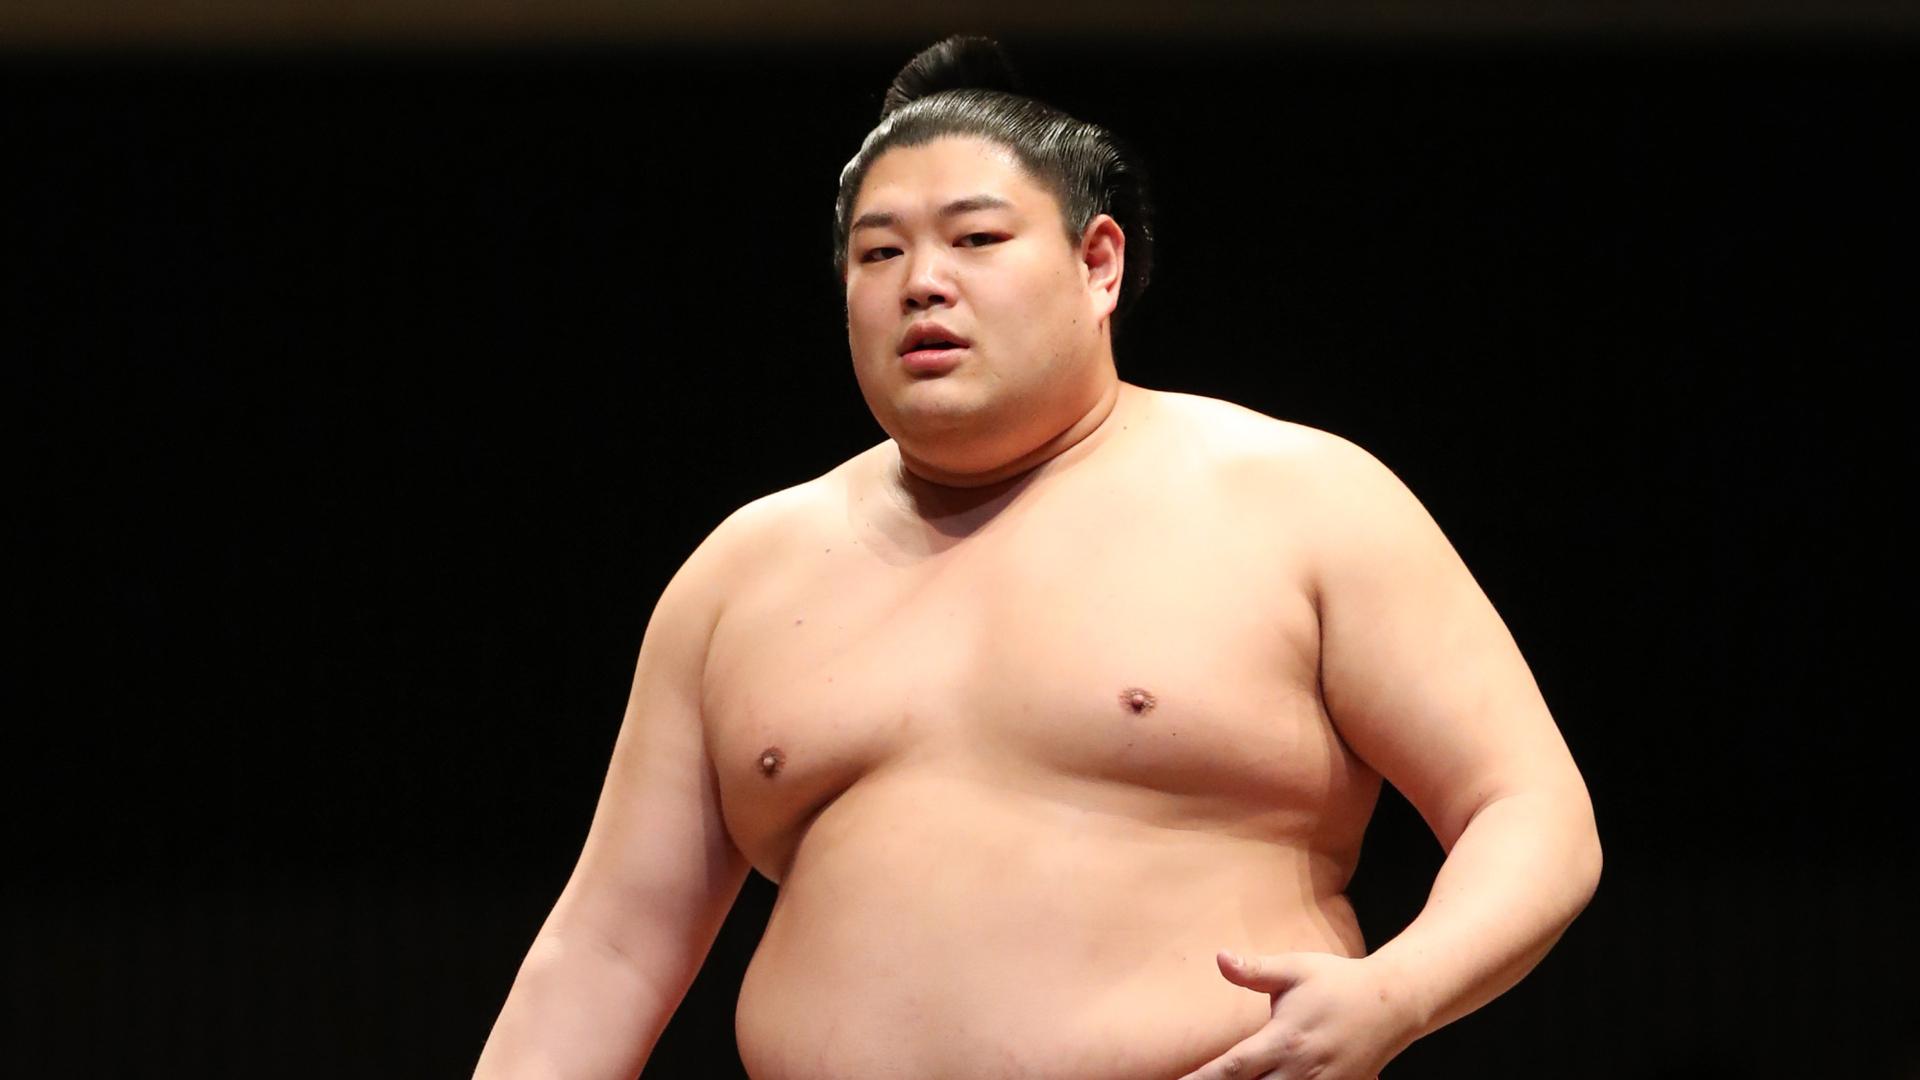 阿炎引退届騒動の今こそ考えて欲しい、相撲とSNSの新しい可能性(徳力基彦) - 個人 - Yahoo!ニュース